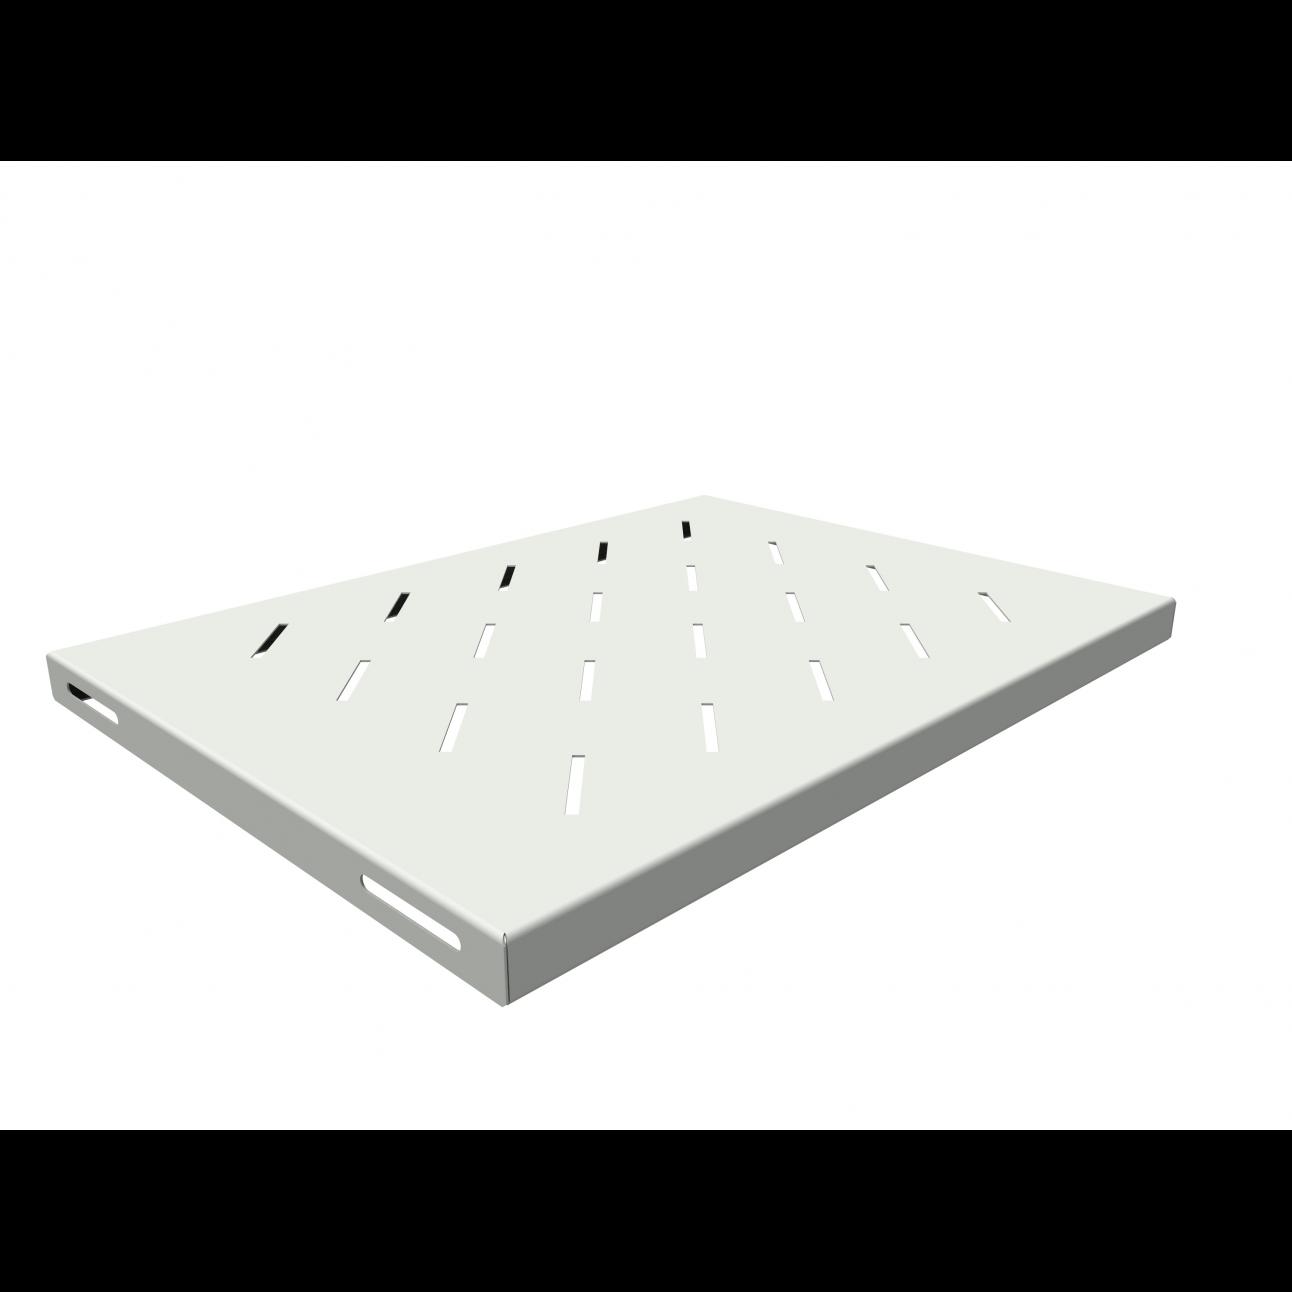 Полка стационарная для шкафов глубиной 600мм, (глубина полки 350мм) распределенная нагрузка 20кг, цвет-серый (SNR-SHELF-06035-20G)